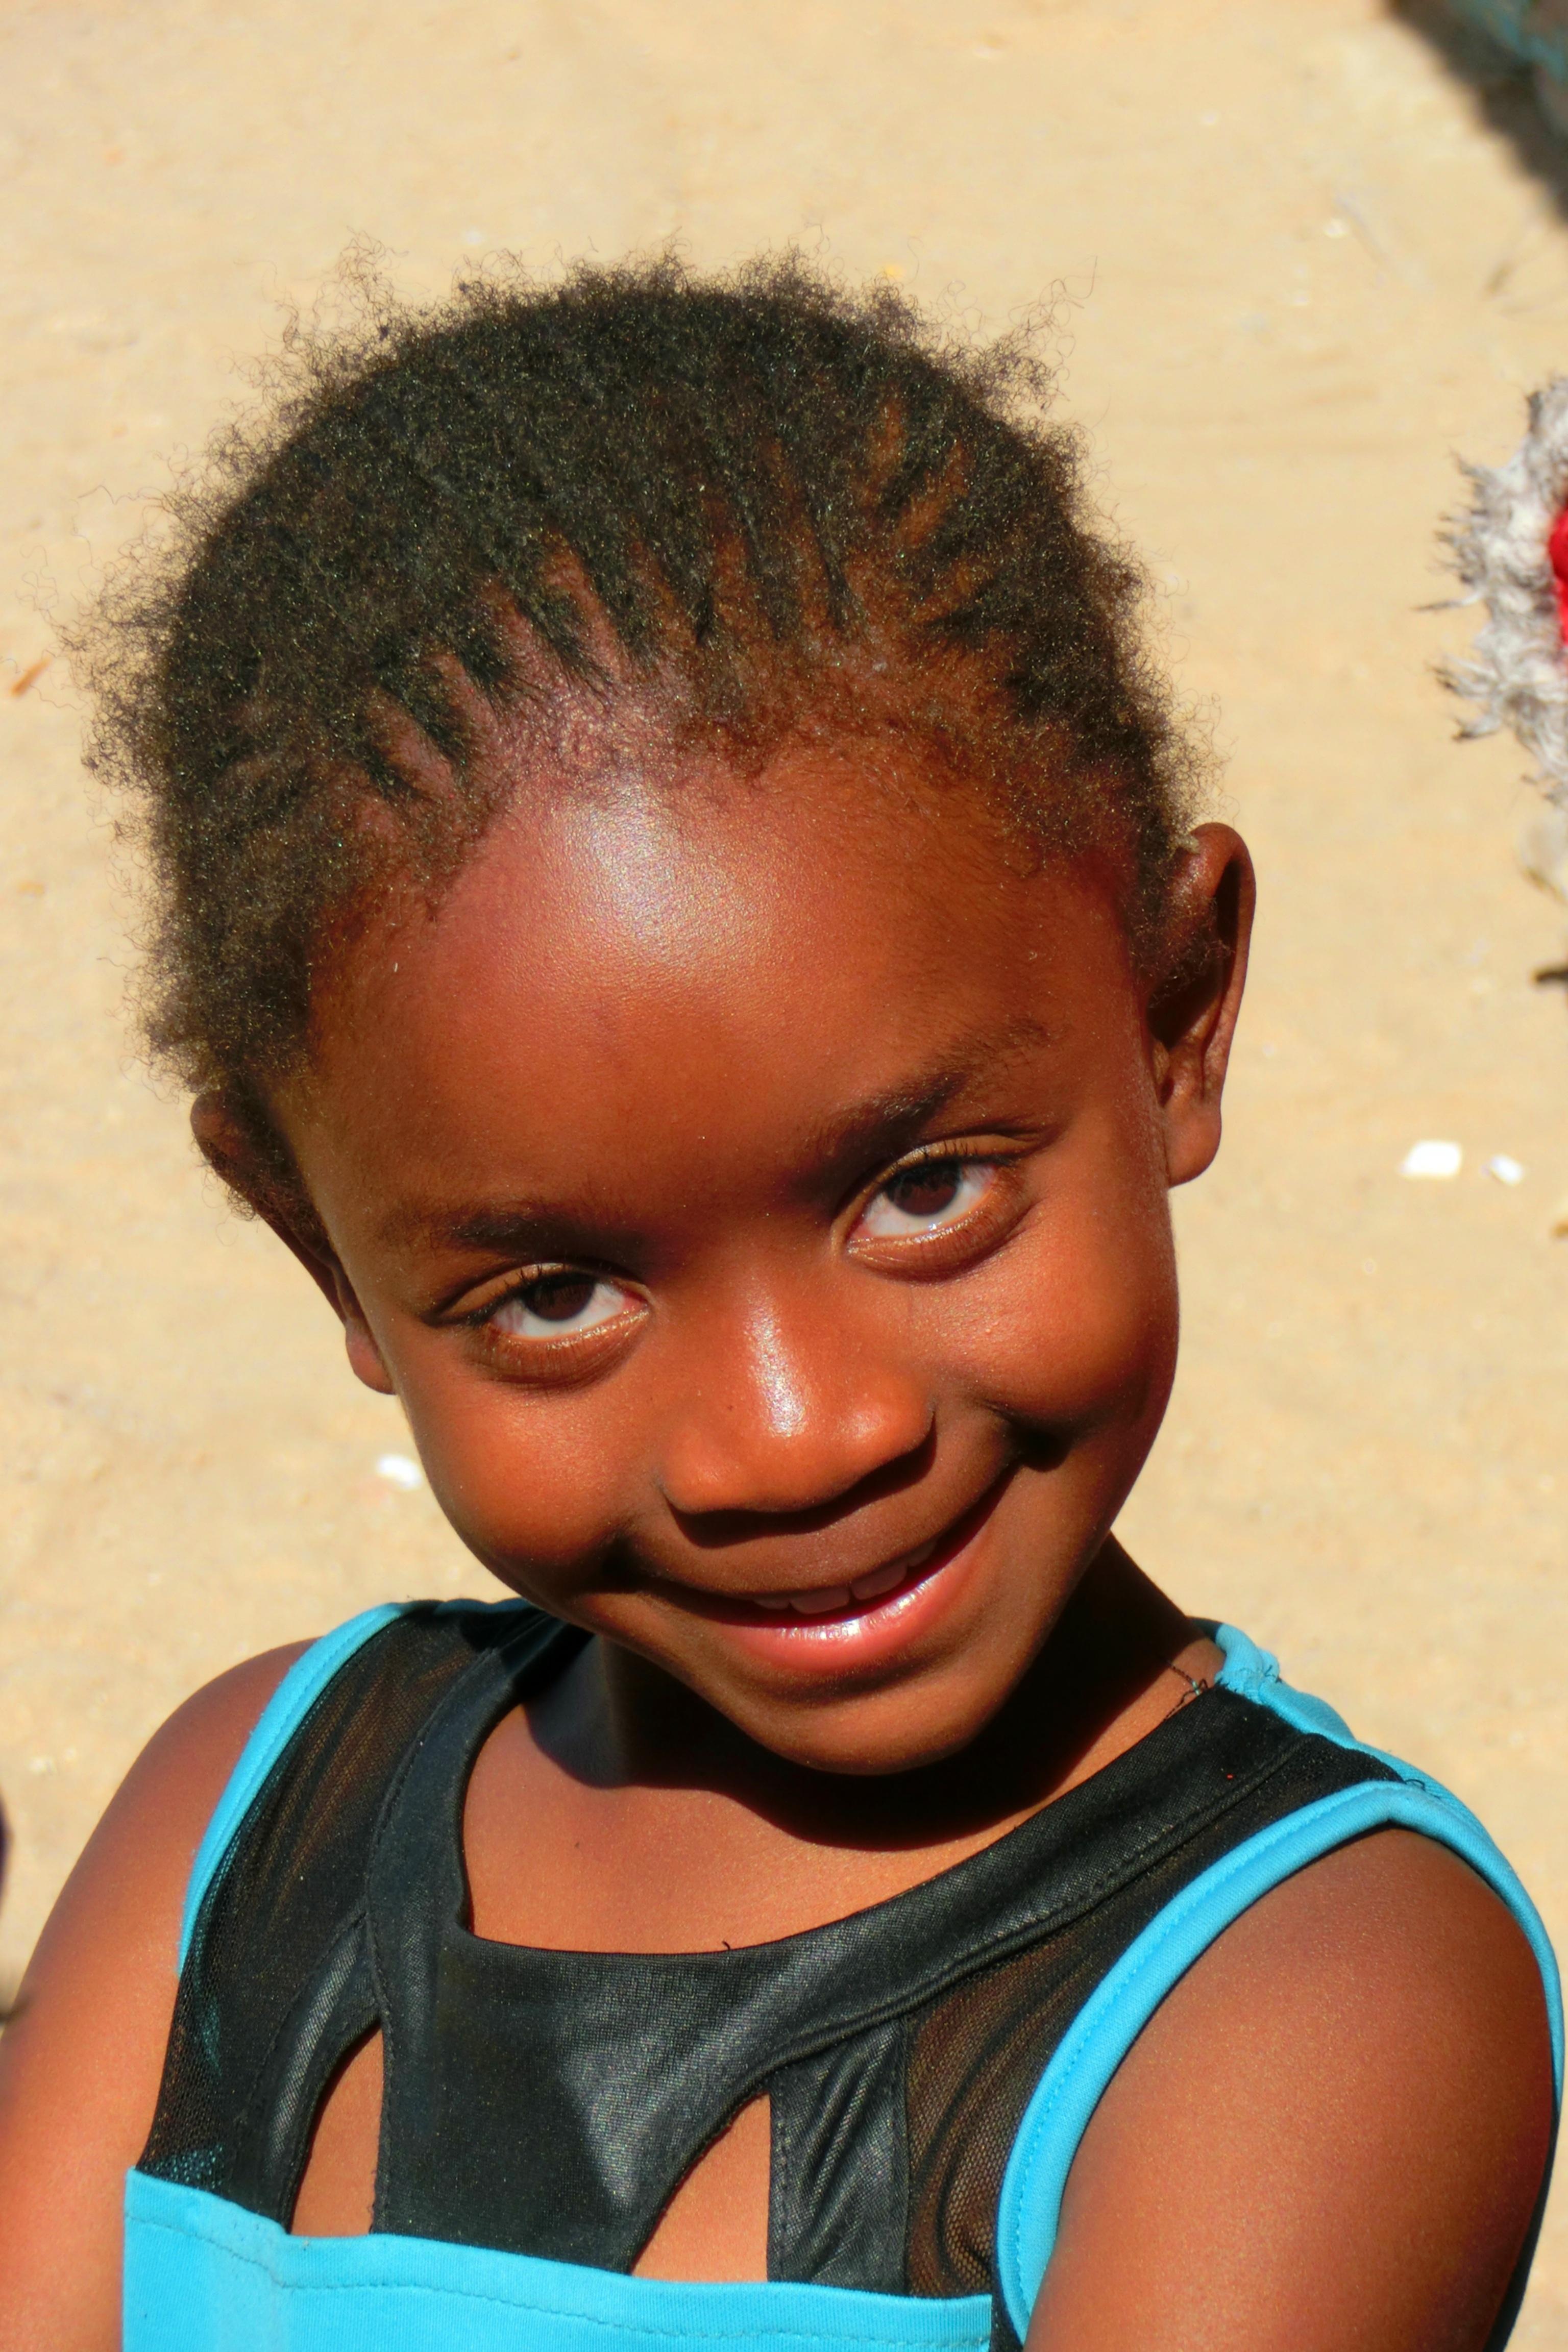 图片素材 人 头发 男孩 肖像 颜色 非洲 儿童 表情 发型 微笑 部落 面对 寺庙